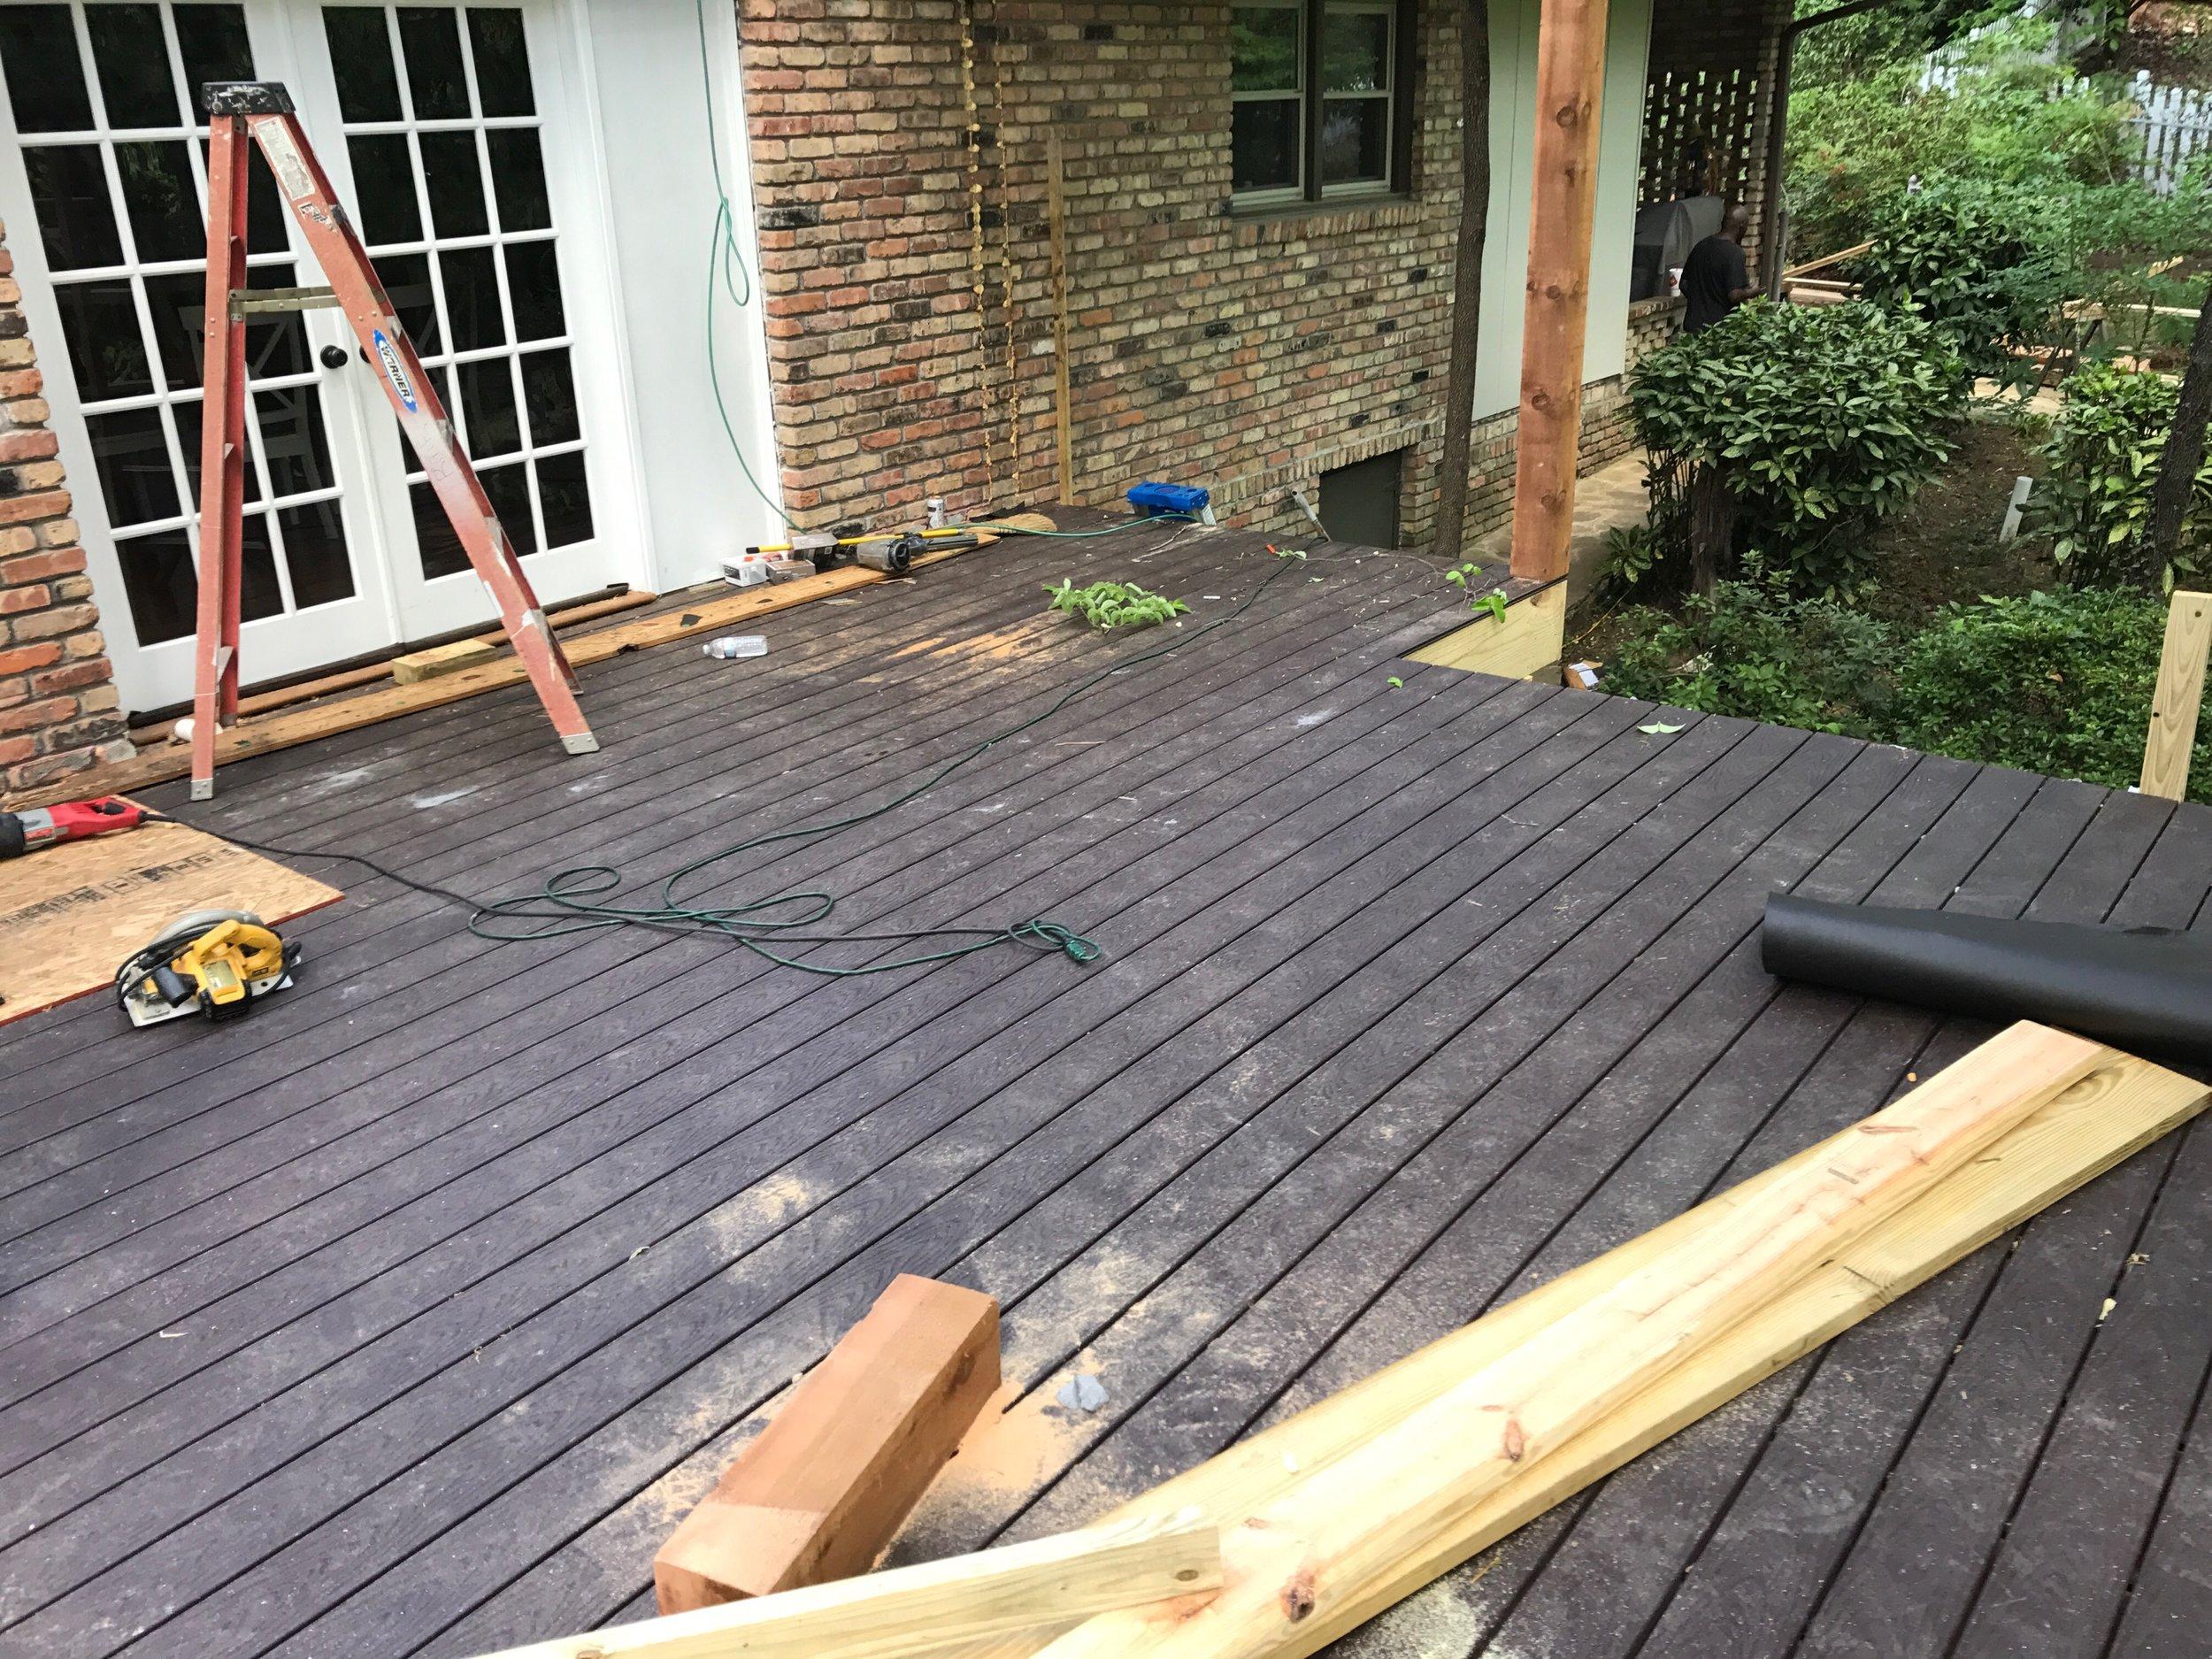 Trex decking on floor.